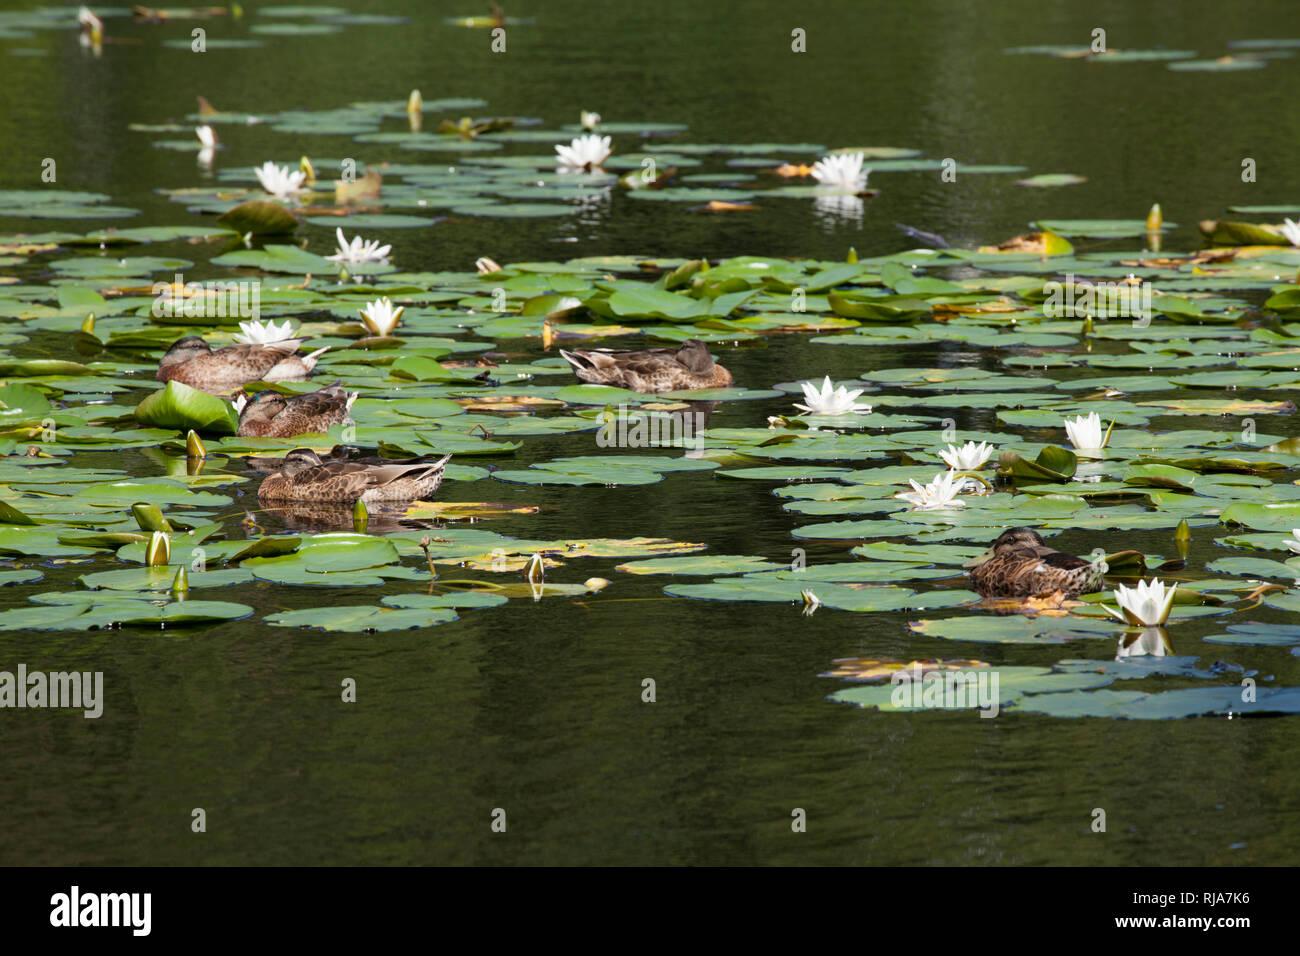 Seerosen im Finkenmoorteich, Wernerwald, Cuxhaven-Sahlenburg, Nordseeheilbad Cuxhaven, Niedersachsen, Deutschland, Europa Stock Photo